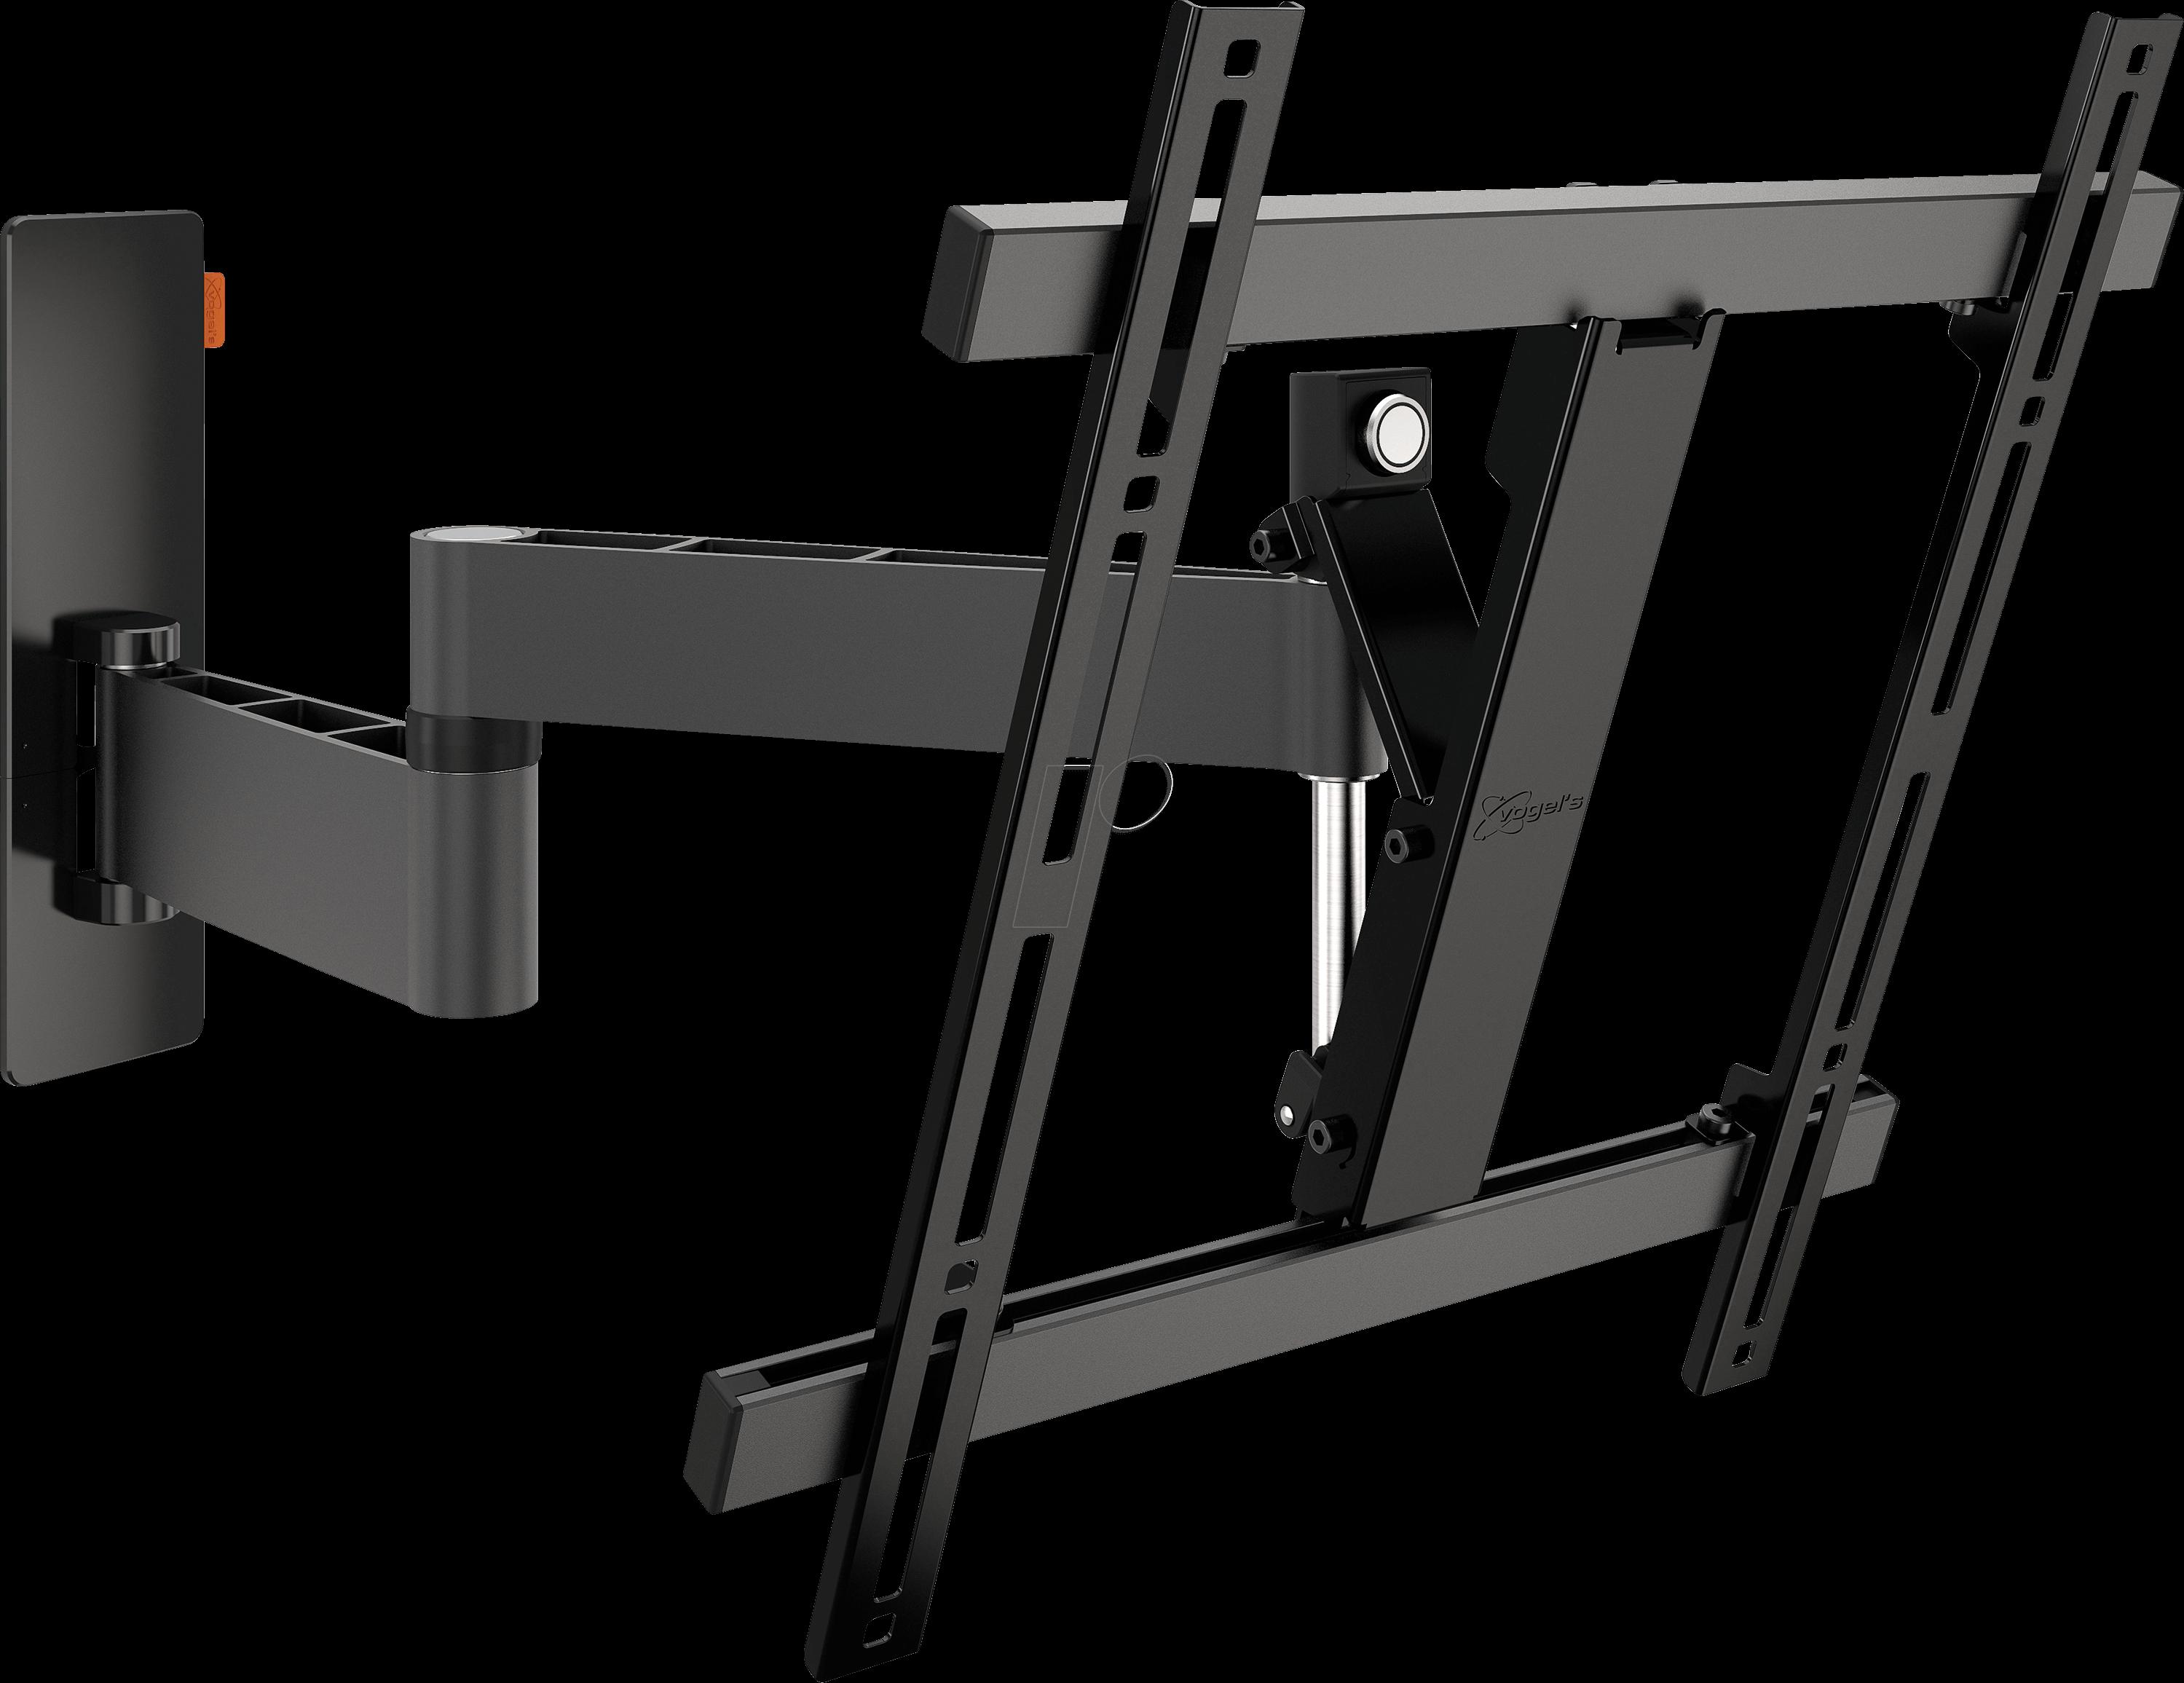 wandhalterung samsung 400 preisvergleich die besten angebote online kaufen. Black Bedroom Furniture Sets. Home Design Ideas